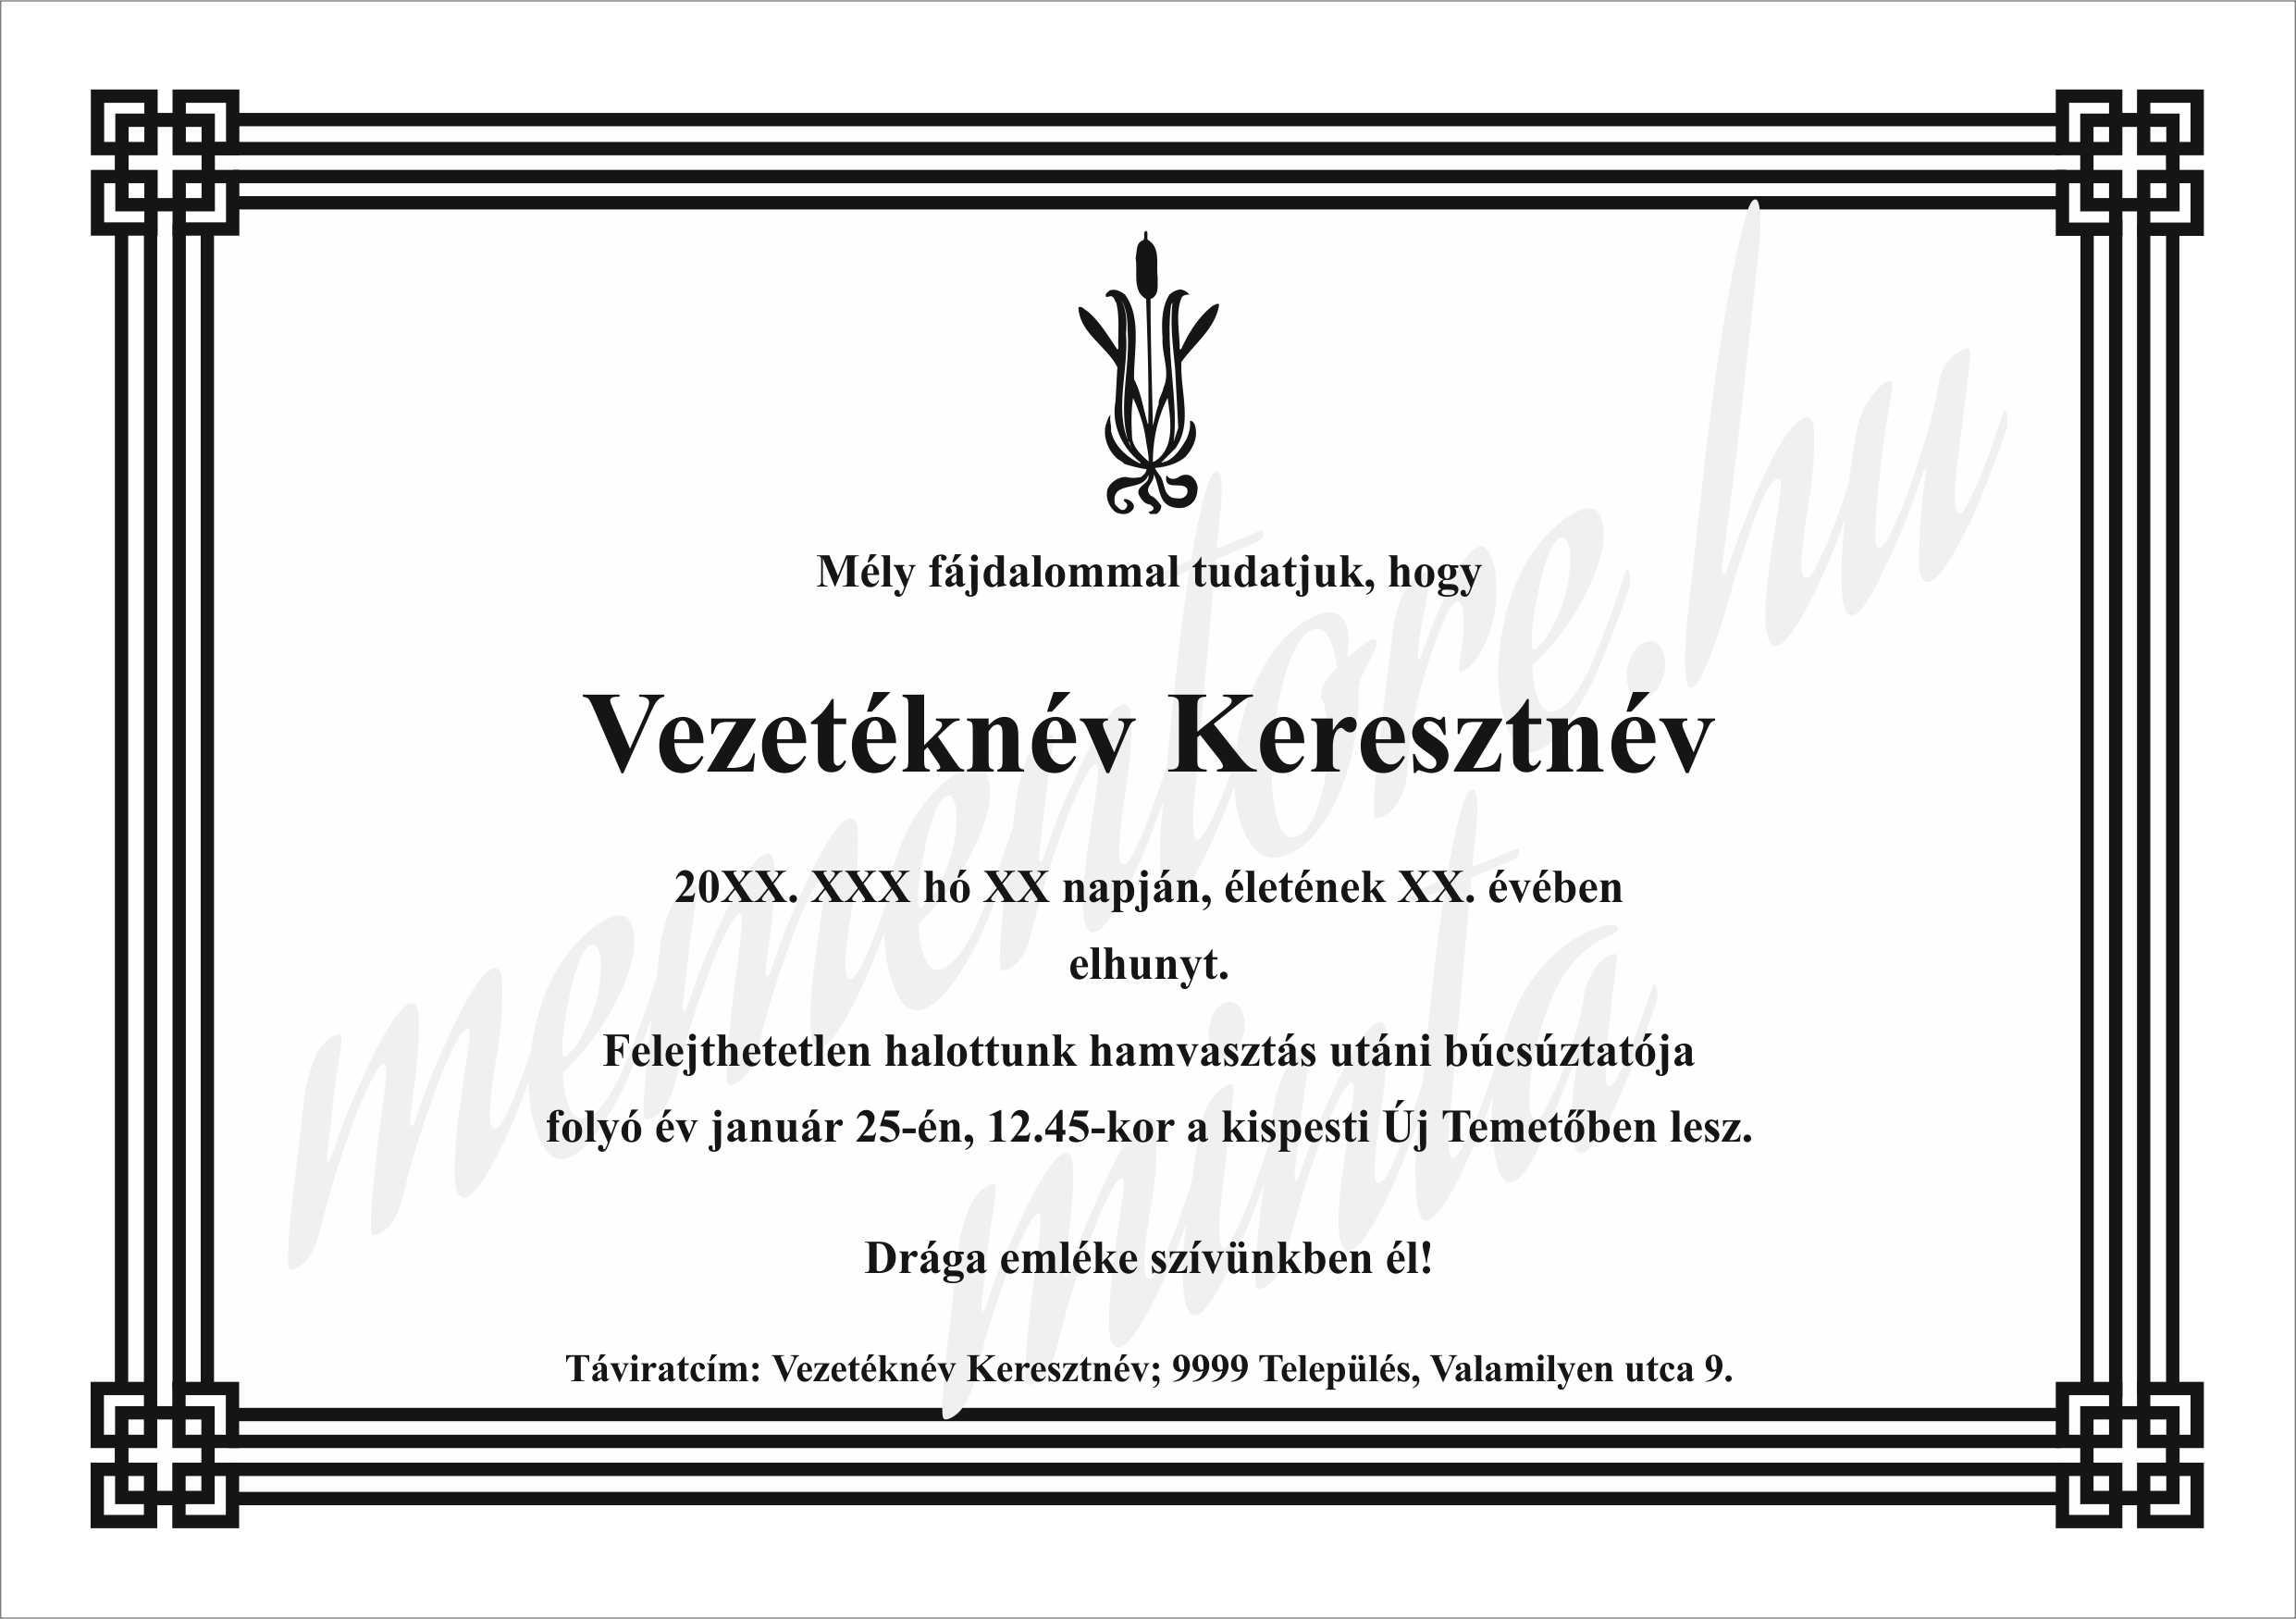 Gyaszertesito_A5022_nadszal_geometrikuskeret